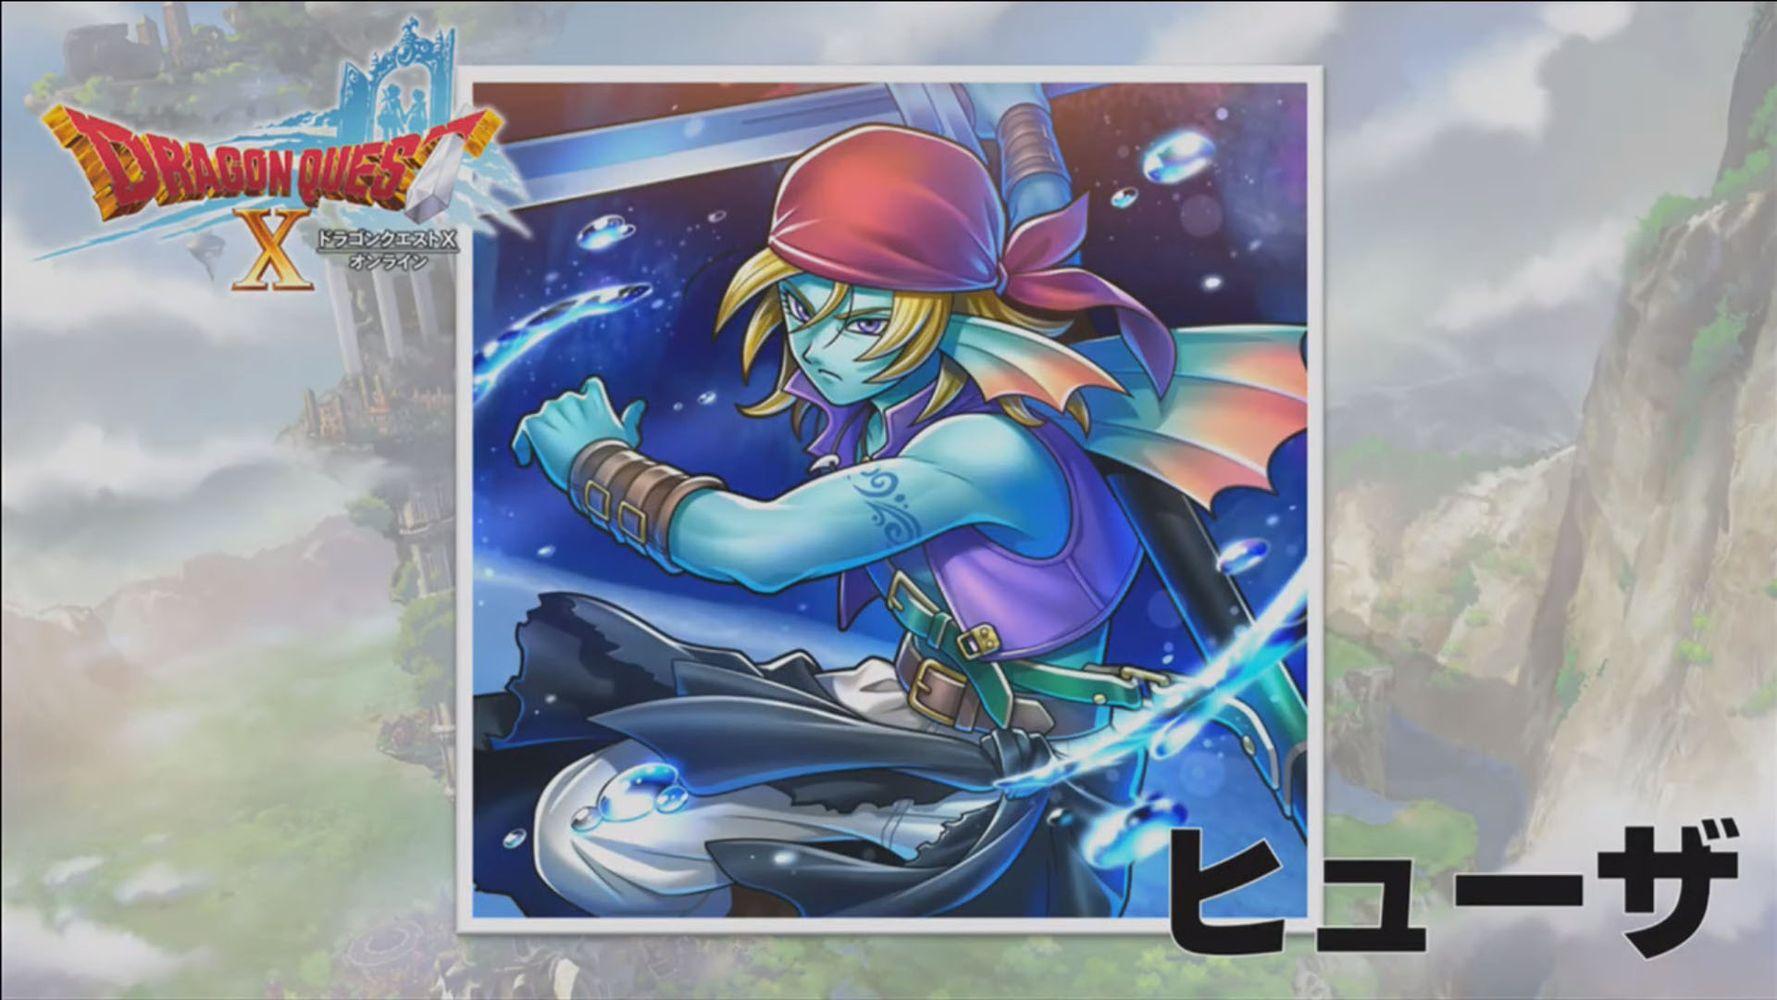 Dragon Quest X: annunciata una nuova espansione!